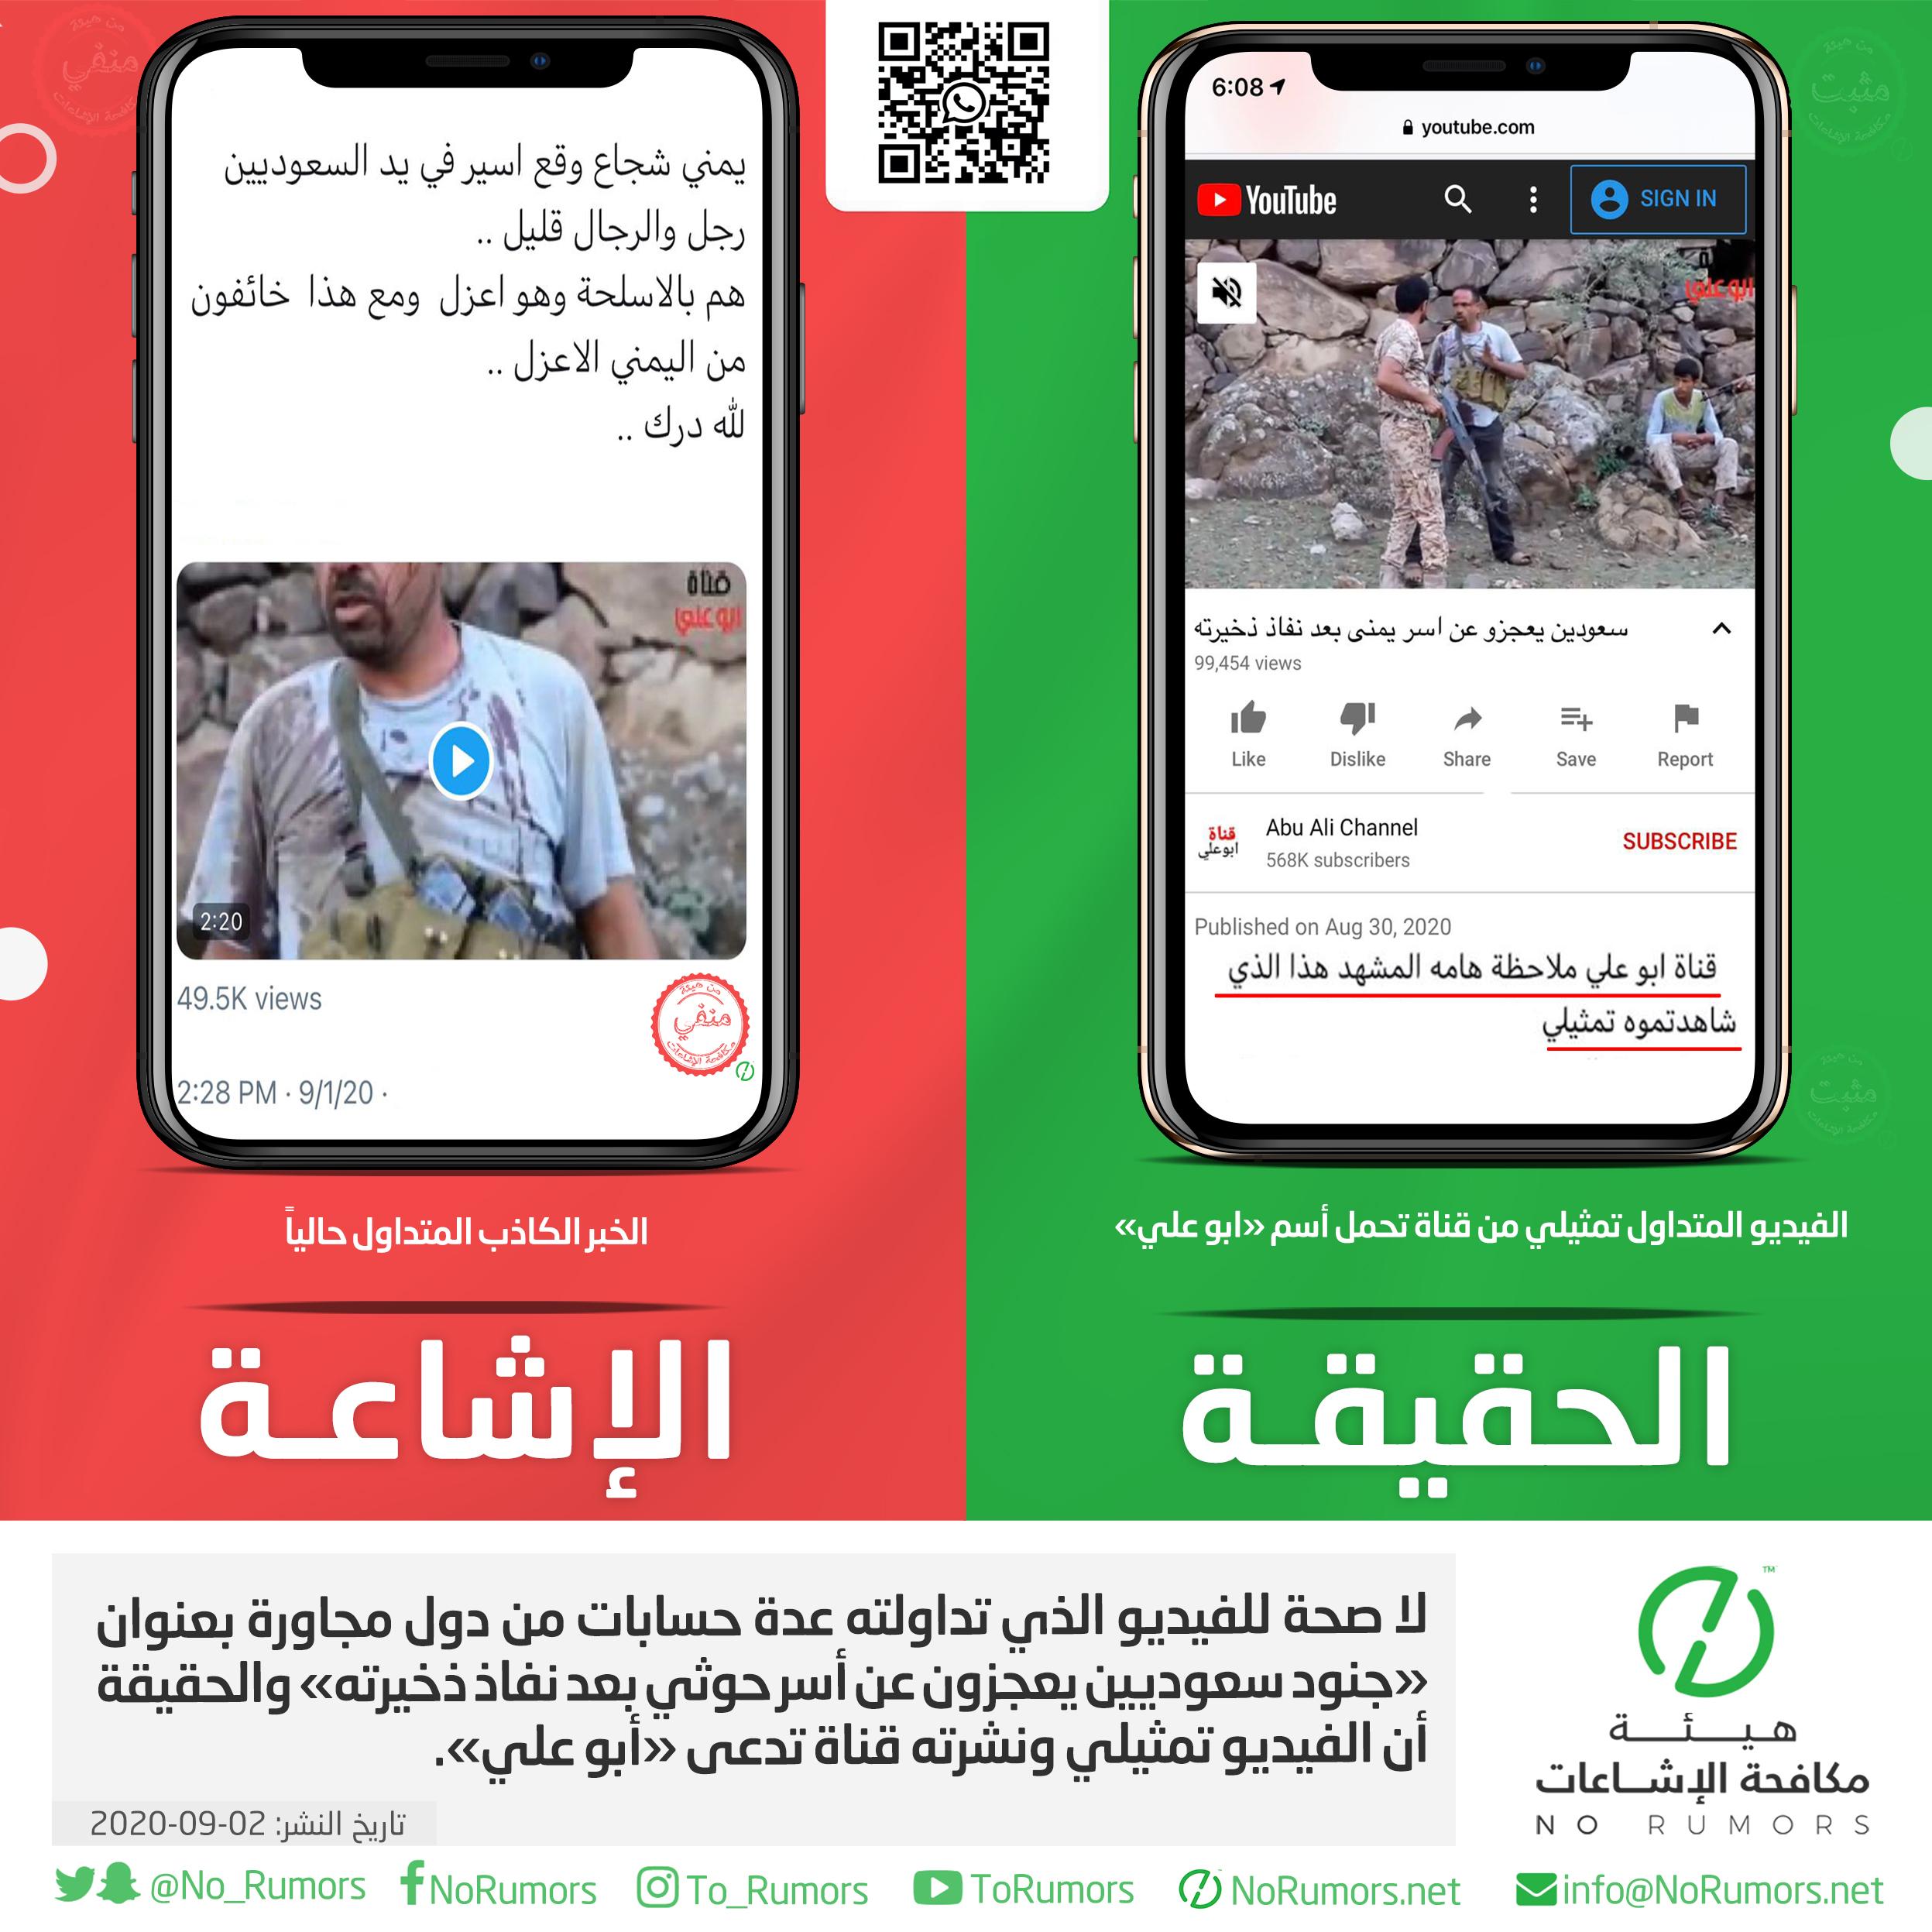 حقيقة الفيديو الذي تداولته عدة حسابات من دول مجاورة بعنوان «جنود سعوديين يعجزون عن أسر حوثي بعد نفاذ ذخيرته»